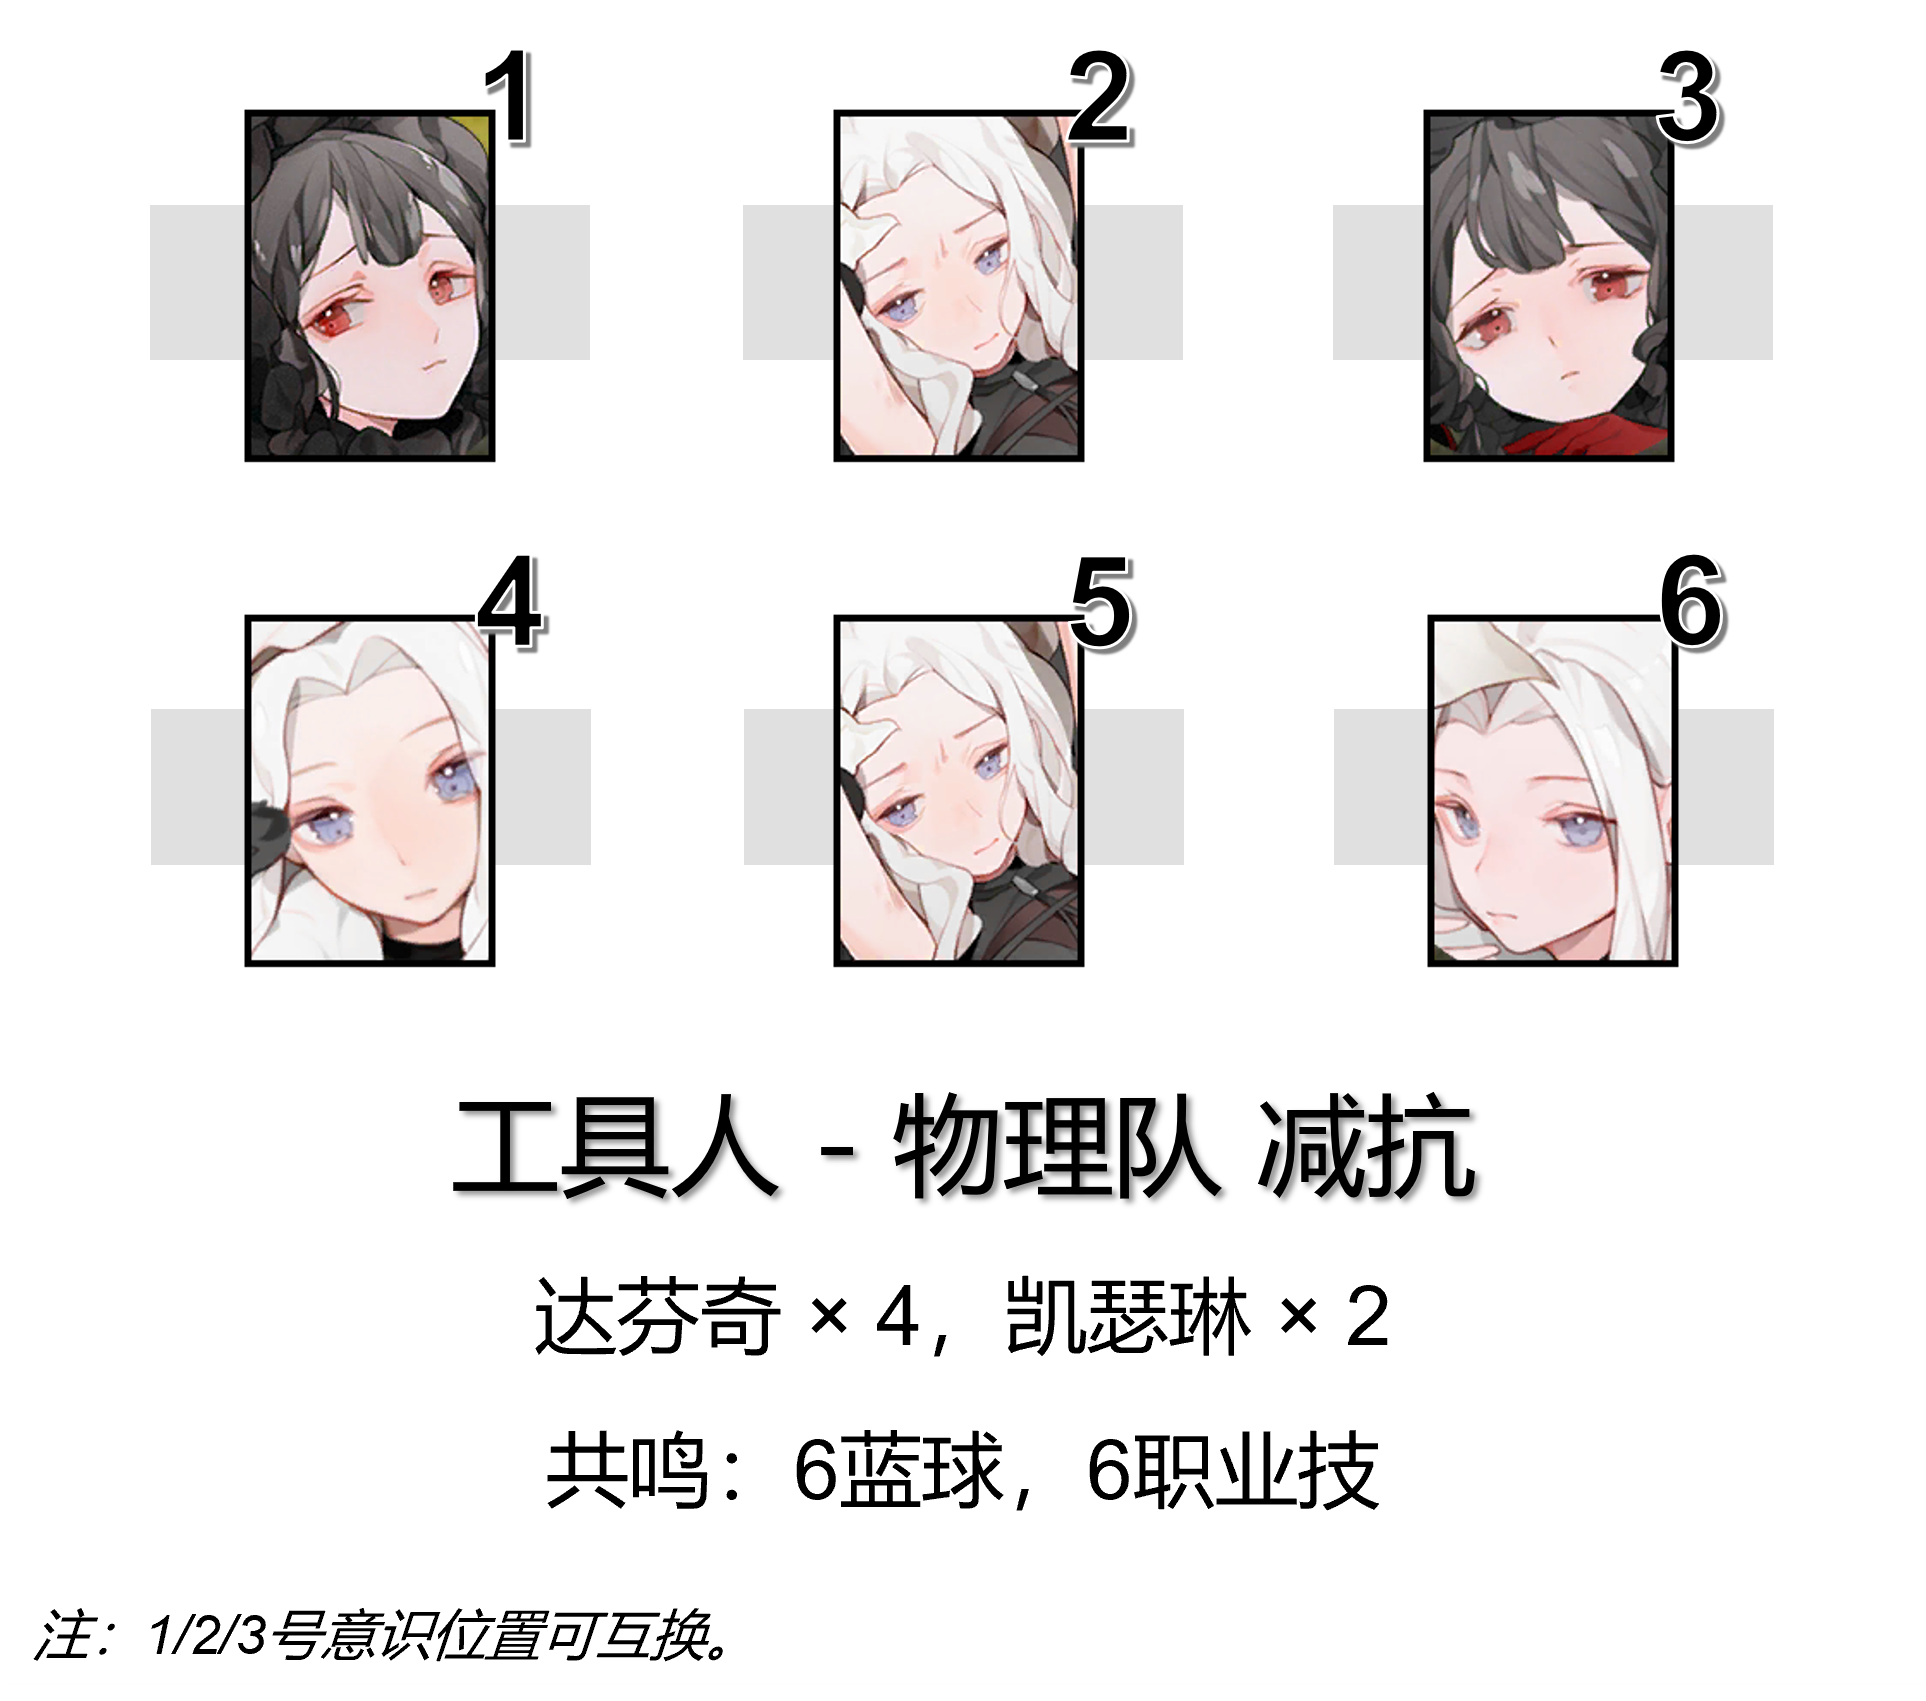 PP 七实·风暴 意识推荐1.png